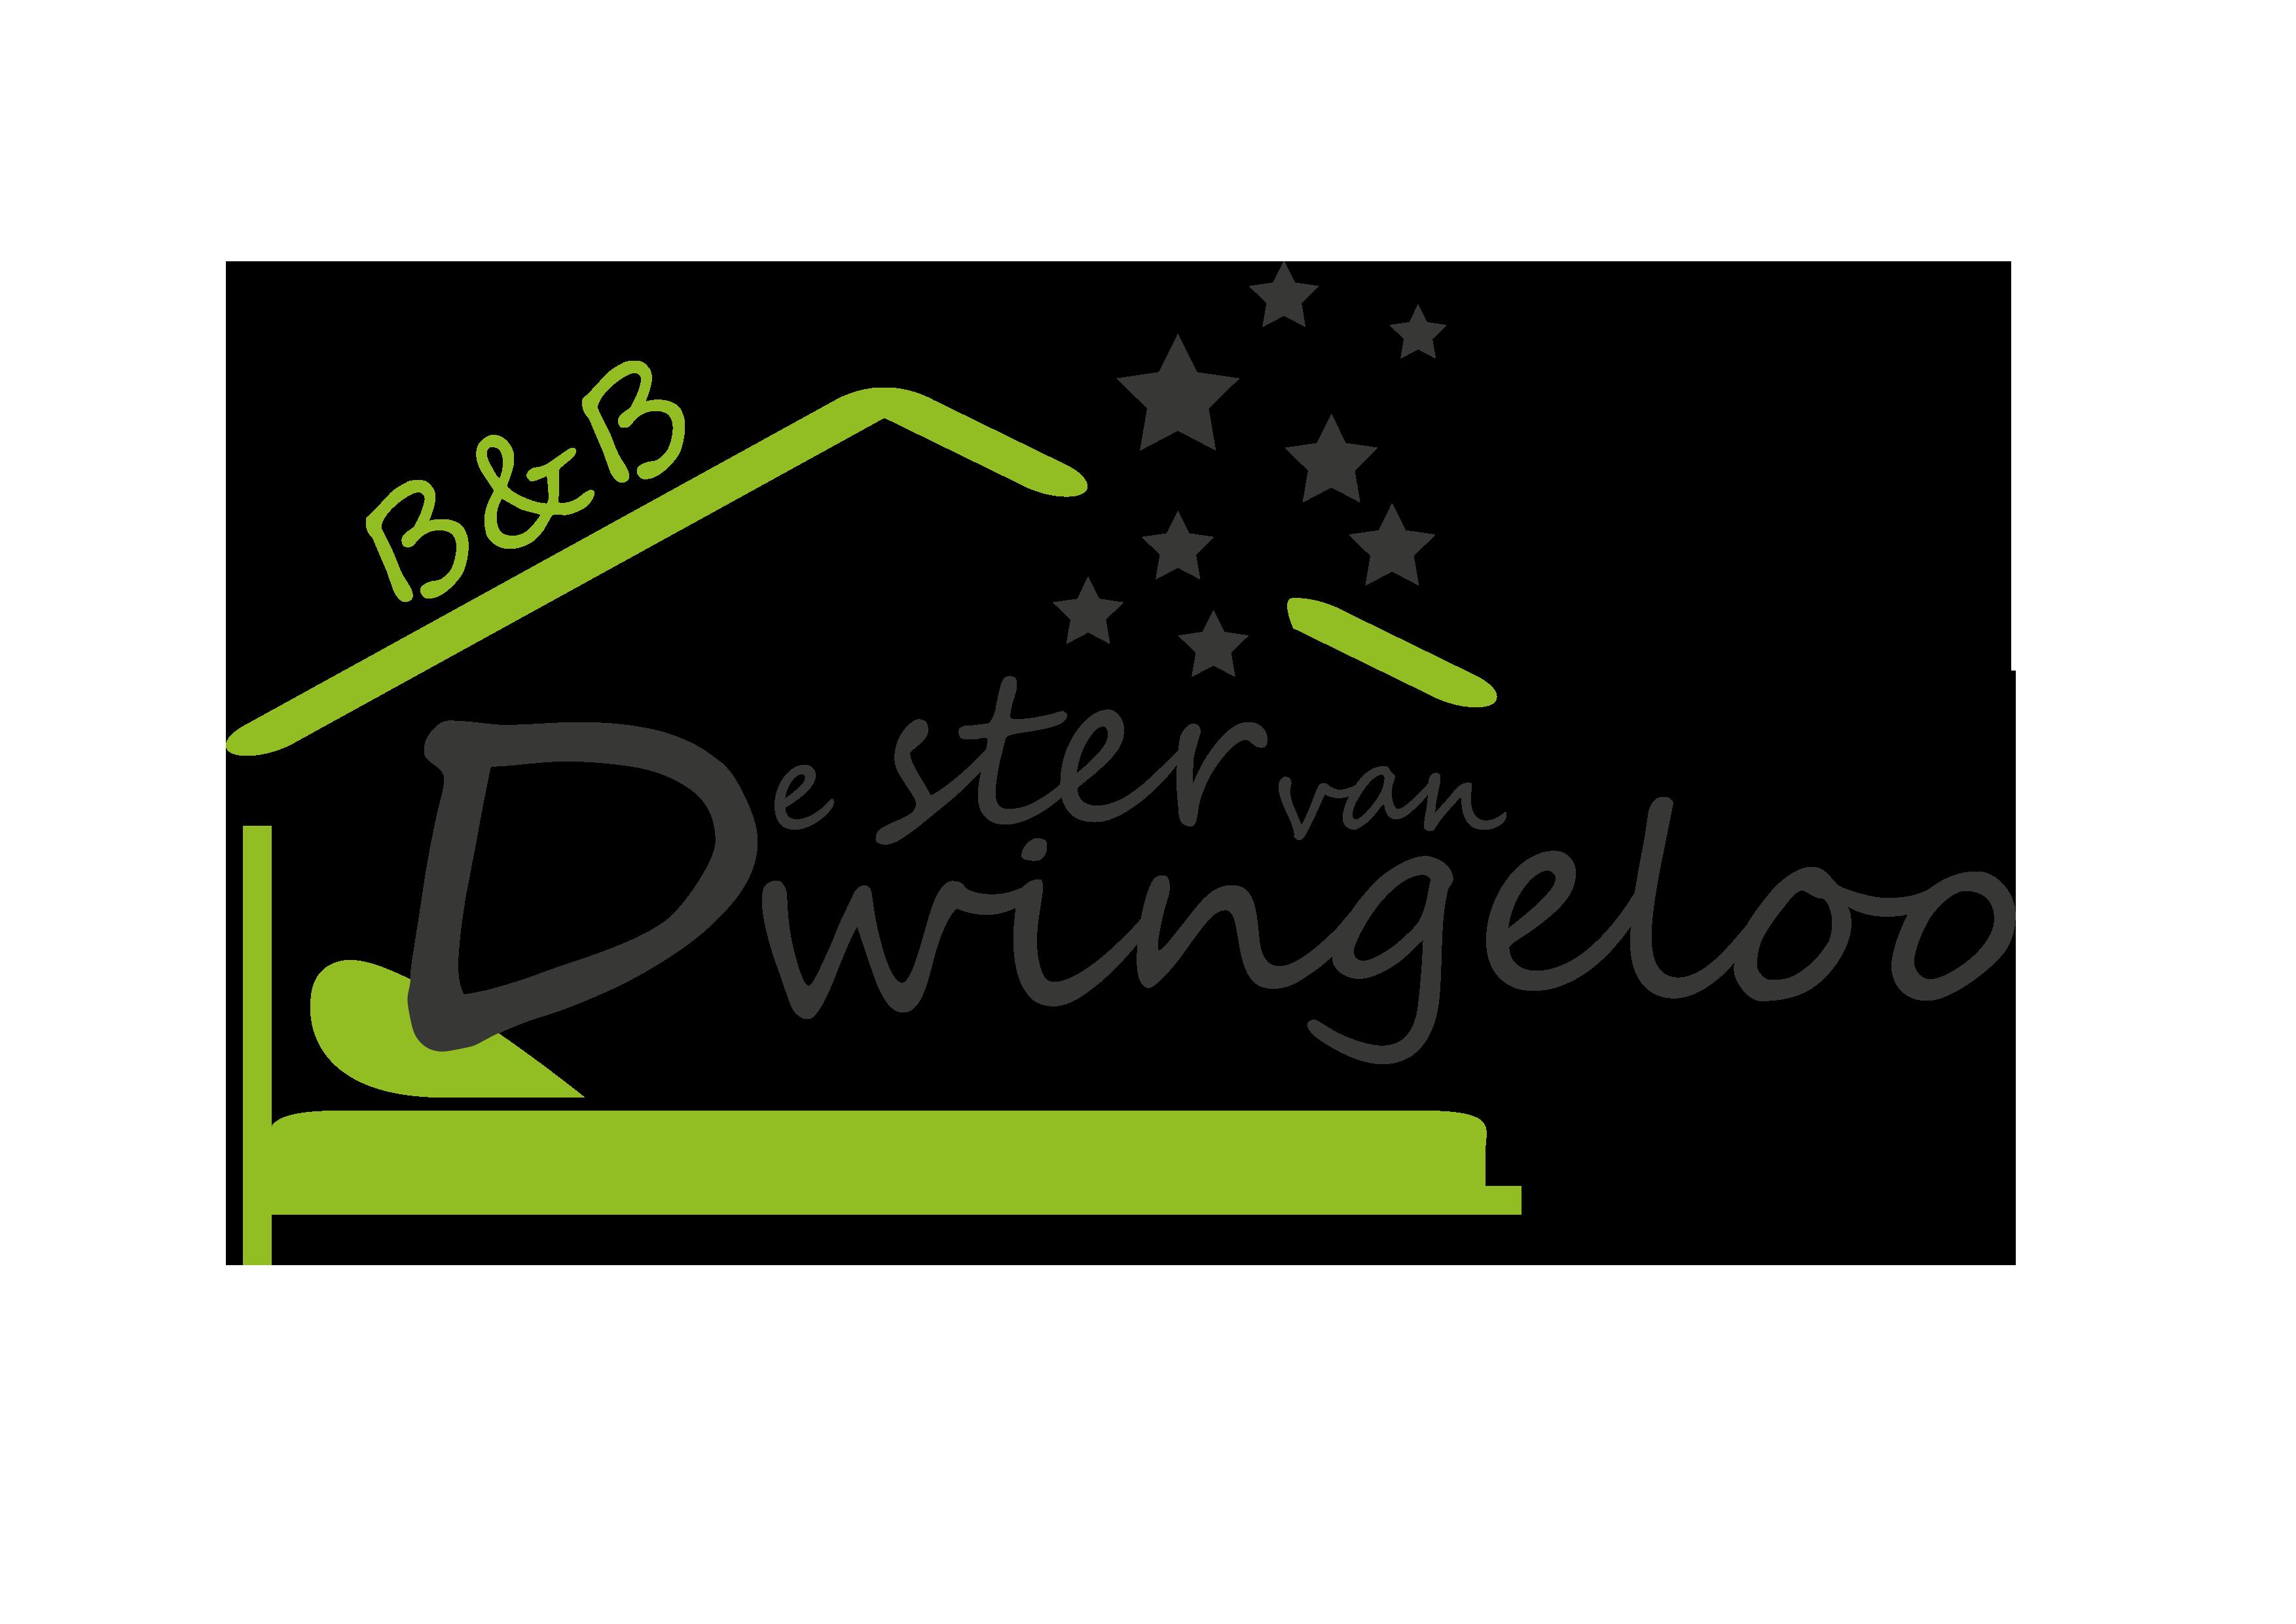 B&B De ster van Dwingeloo